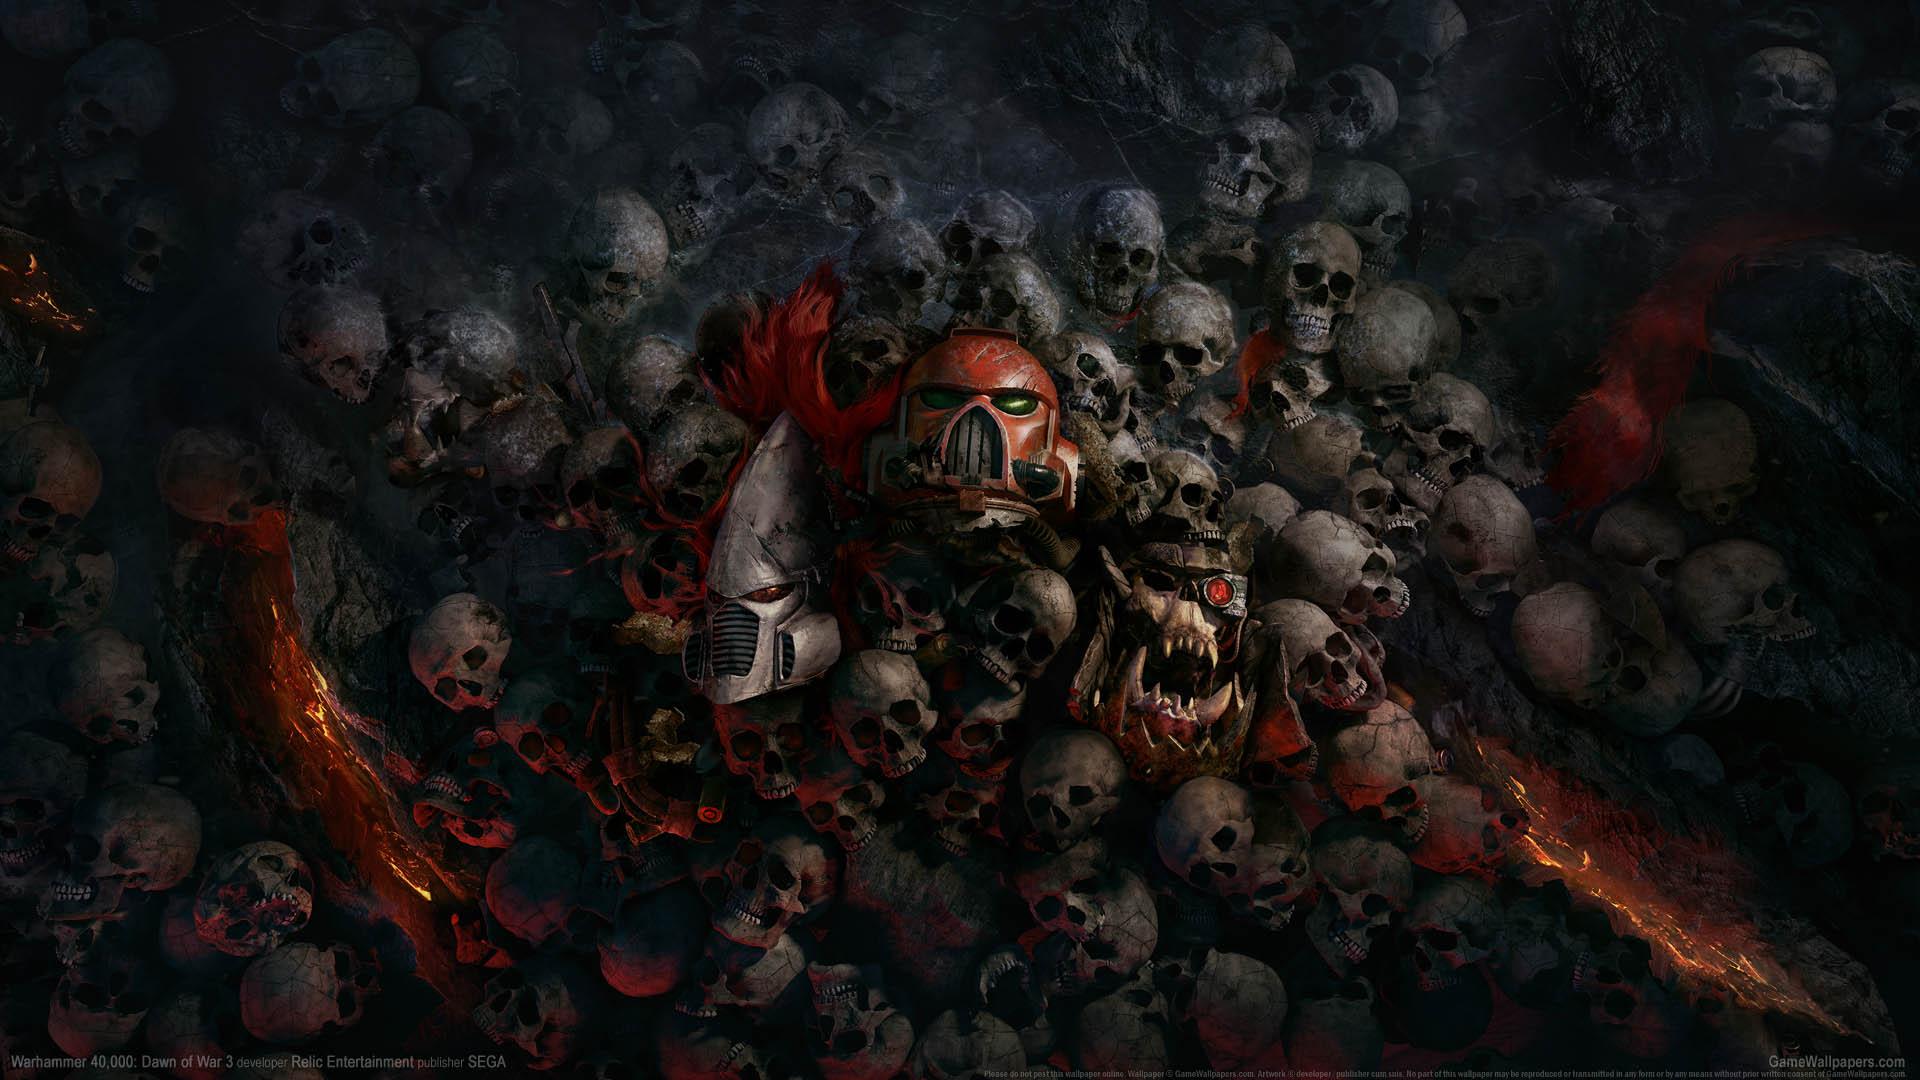 Warhammer 40,000: Dawn of War 3 wallpaper 01 1920x1080